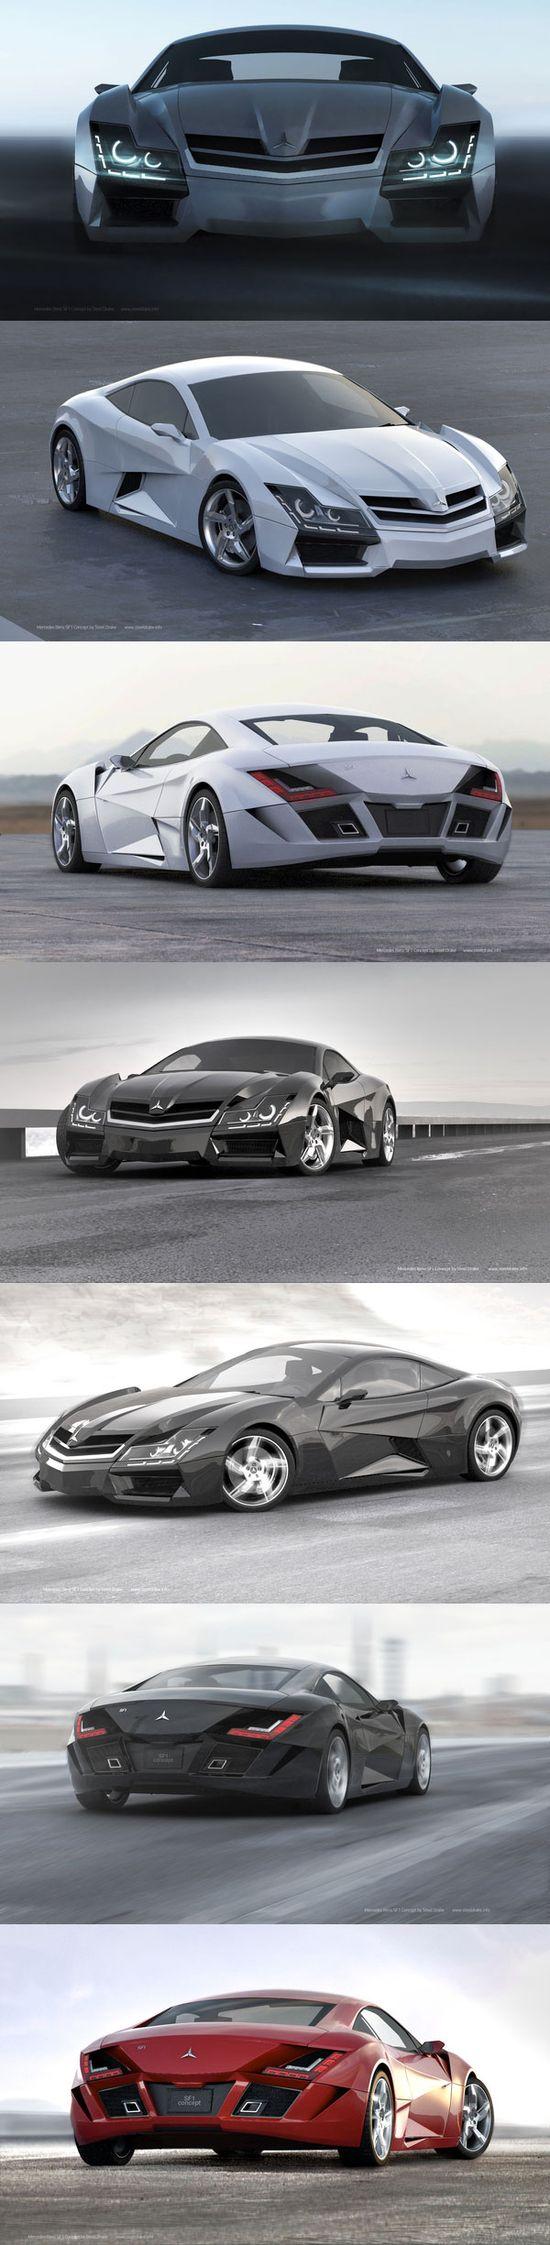 Mercedes super car concept